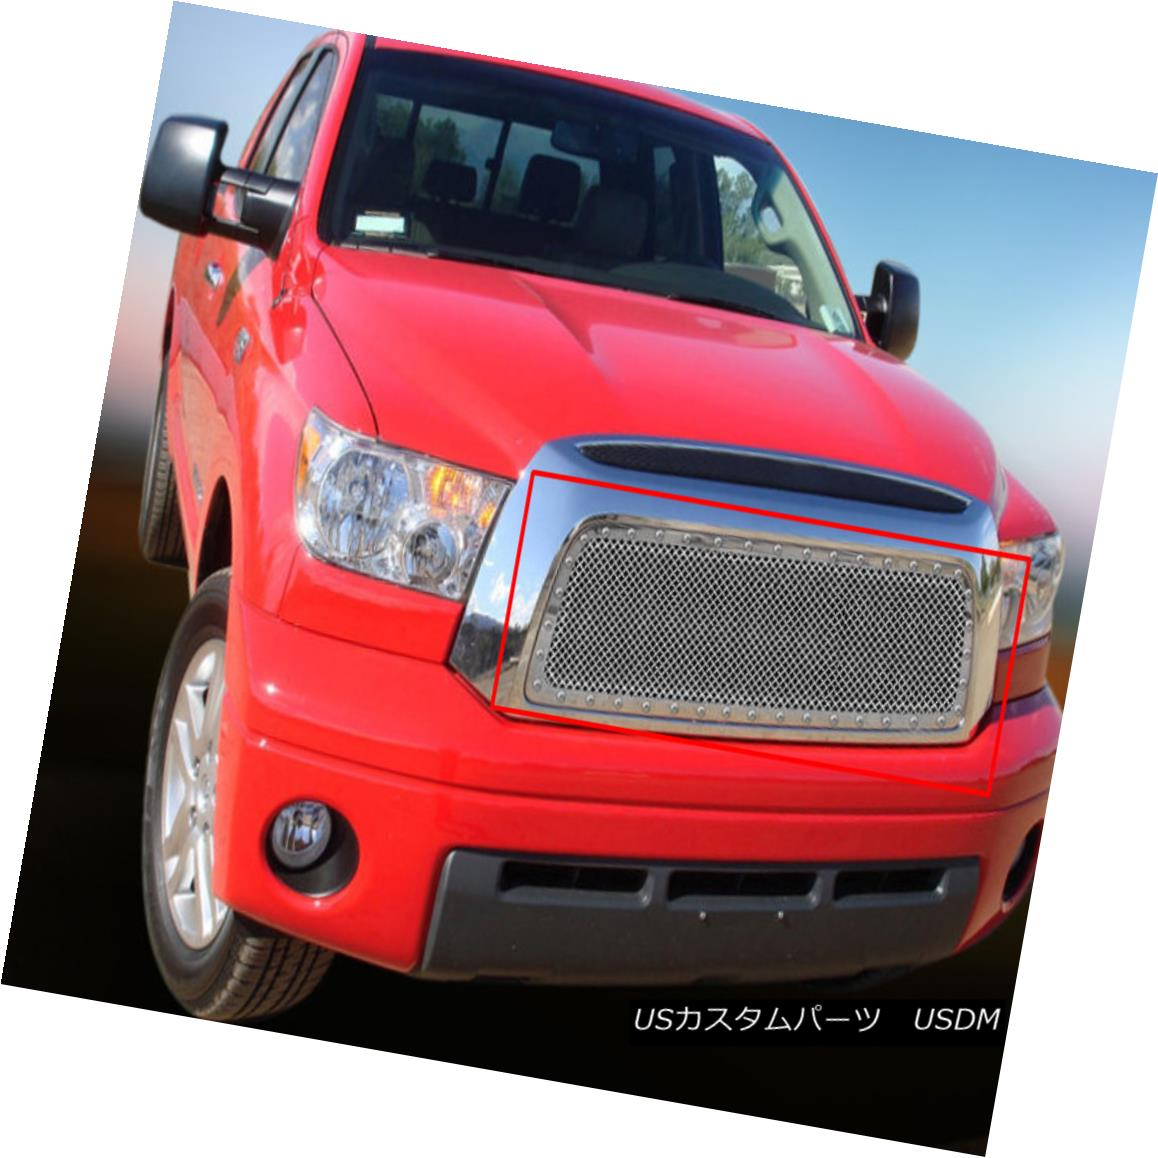 グリル Fedar Fits 2007-2009 Toyota Tundra Chrome BoltOn Rivet Formed Mesh Grille Insert ペダール2007-2009トヨタトンドラクロムBoltOnリベットフォーメッシュグリルインサート